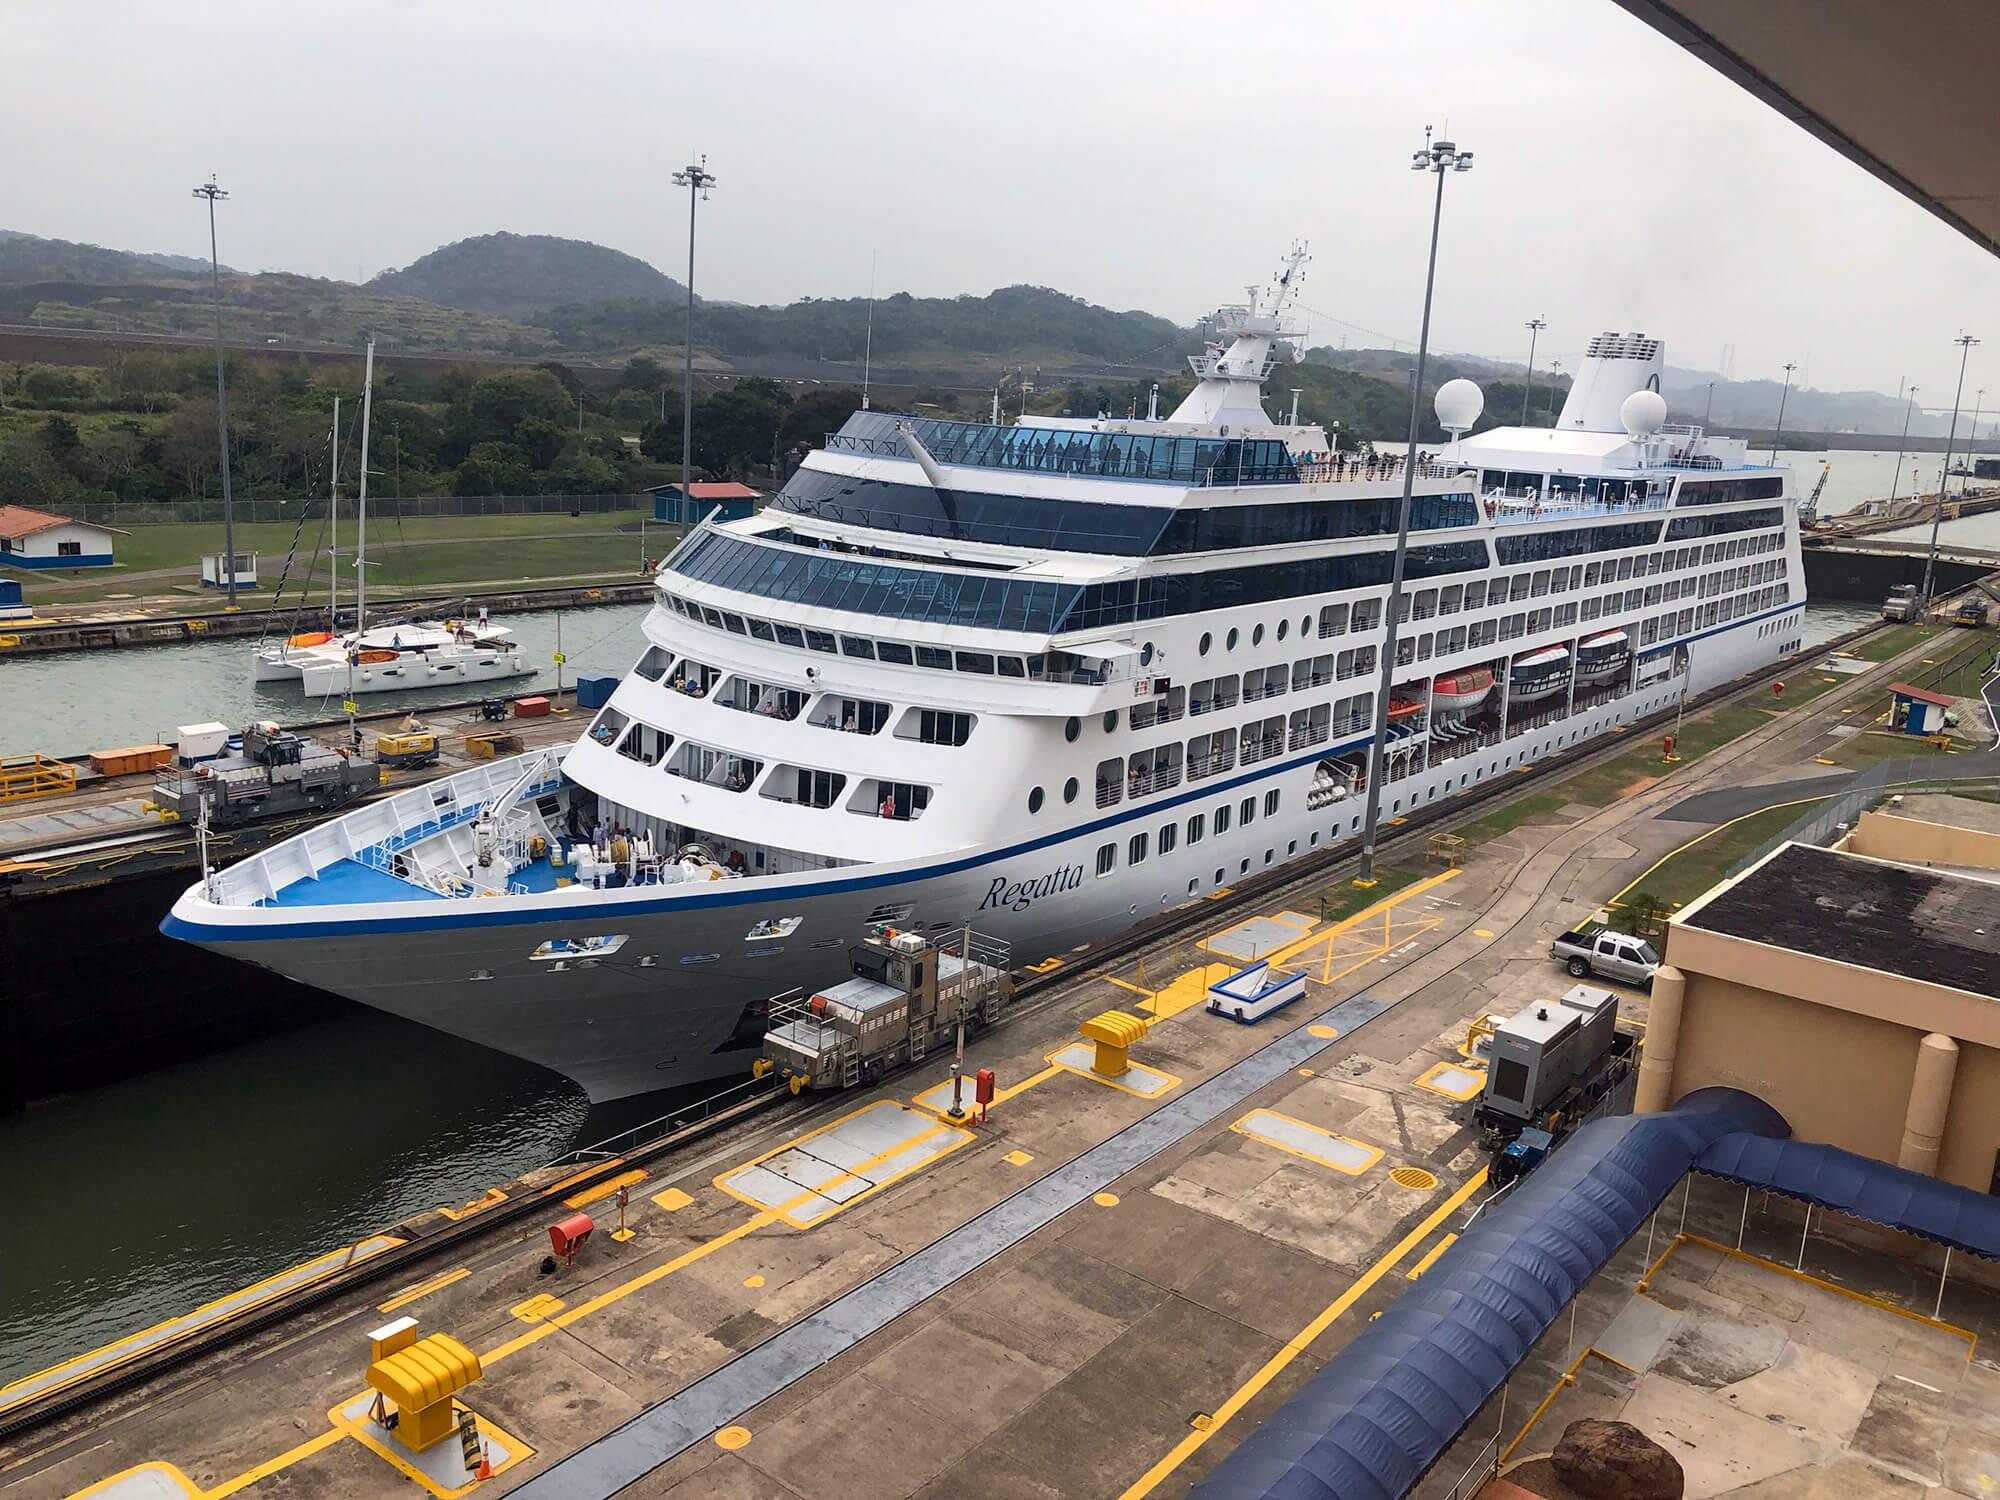 Cruise Ship at the MIraflores Lock